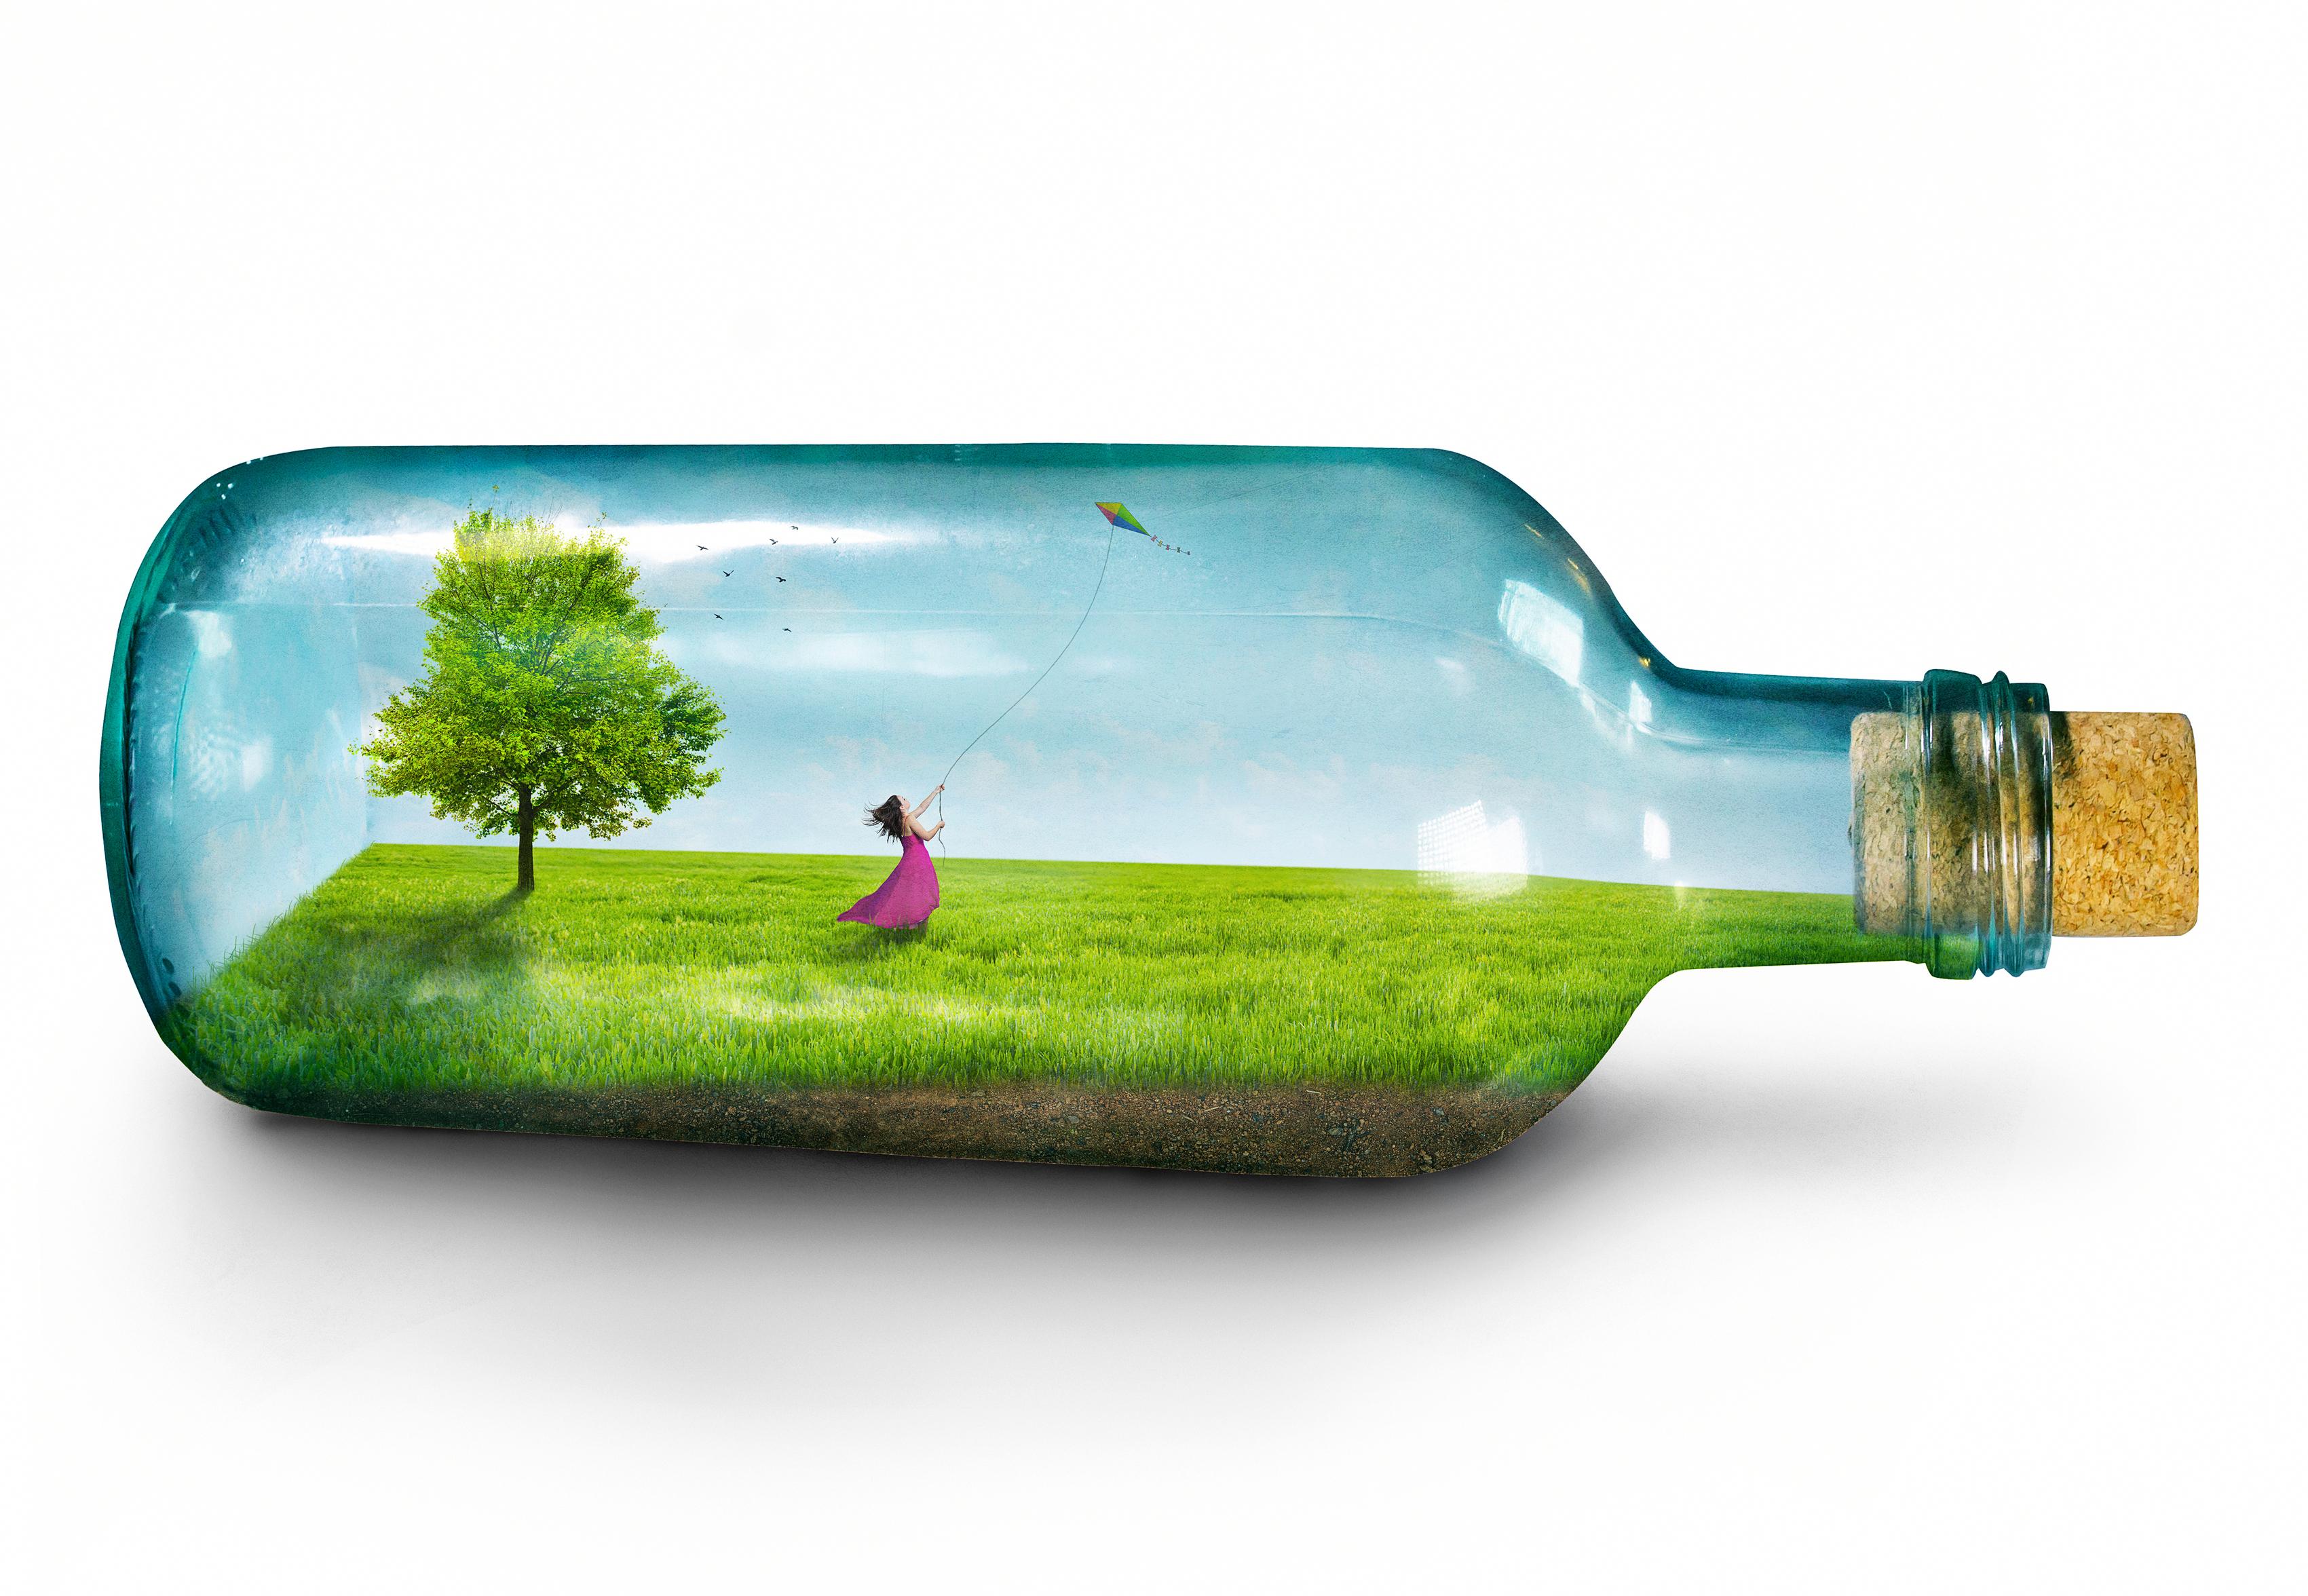 Grøn livsstil og bæredygtigt tøj er på vej ind